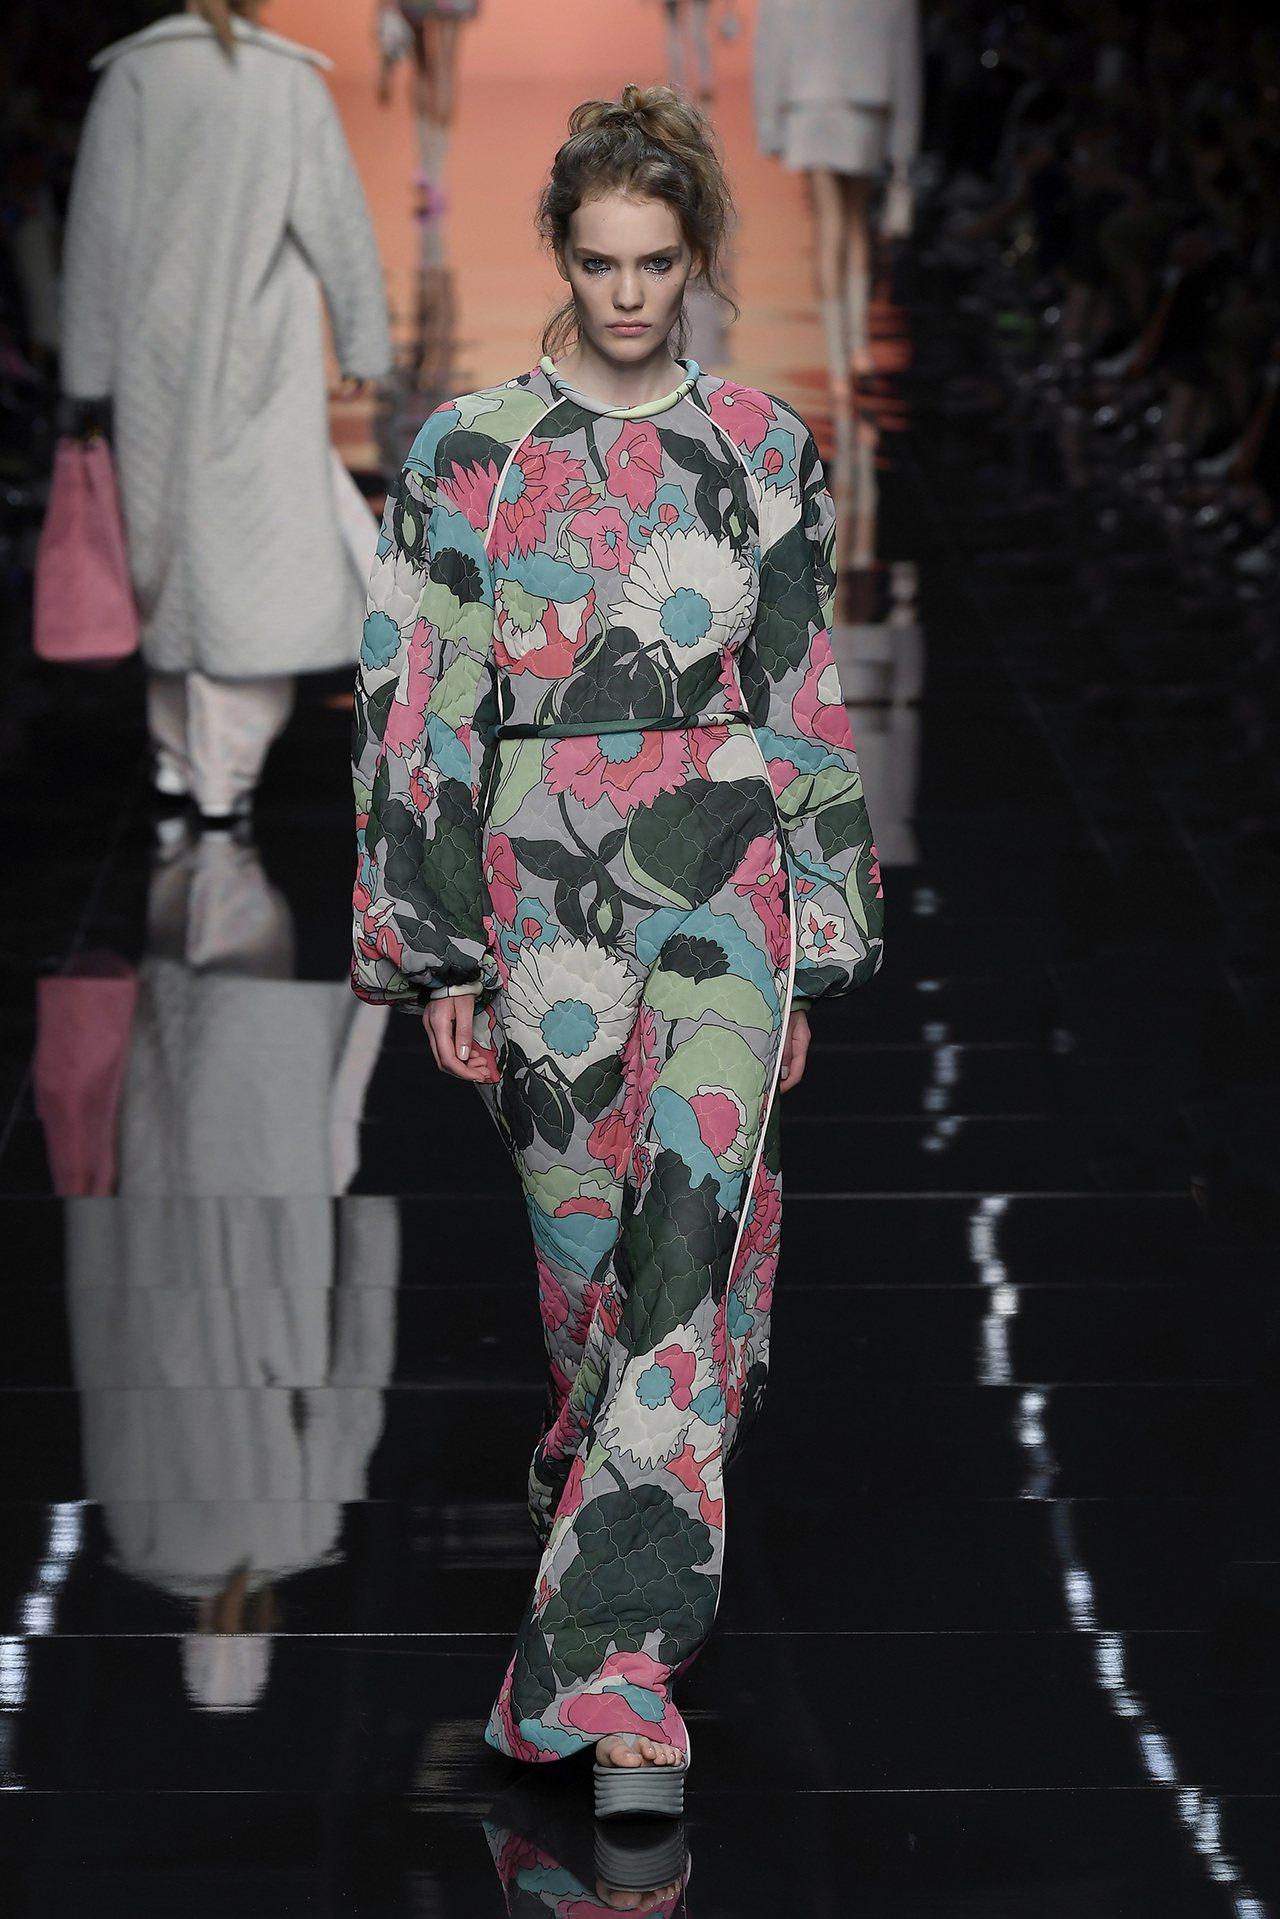 印有多彩天人菊與樹葉的外套、襪子和洋裝,則是帶來俏皮天真的童話風格,像是出外踏青...